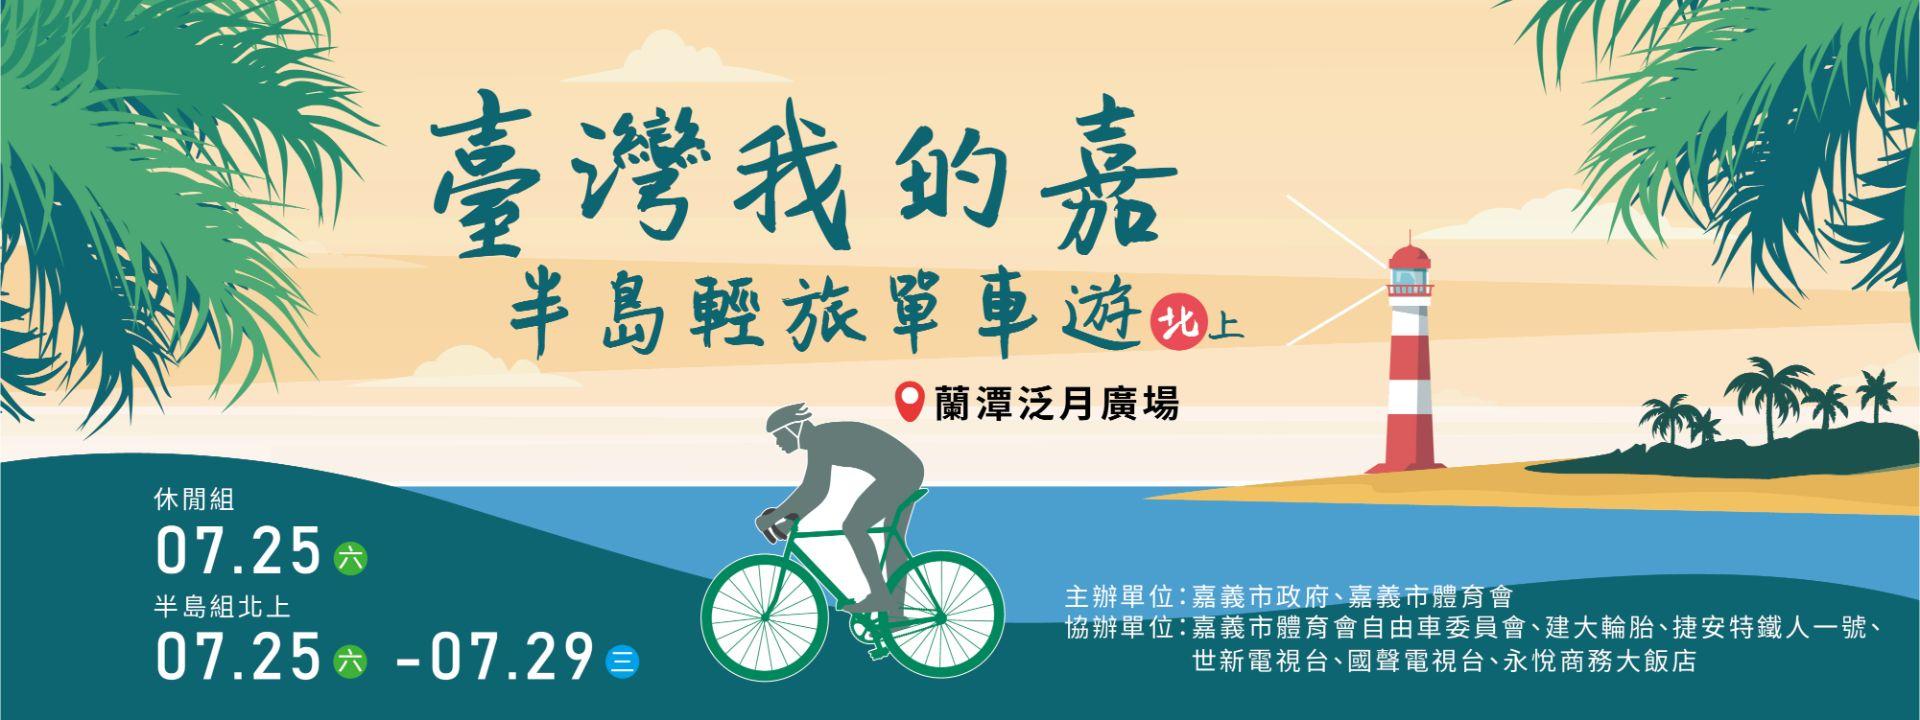 臺灣我的嘉〜半島輕旅單車遊-北上